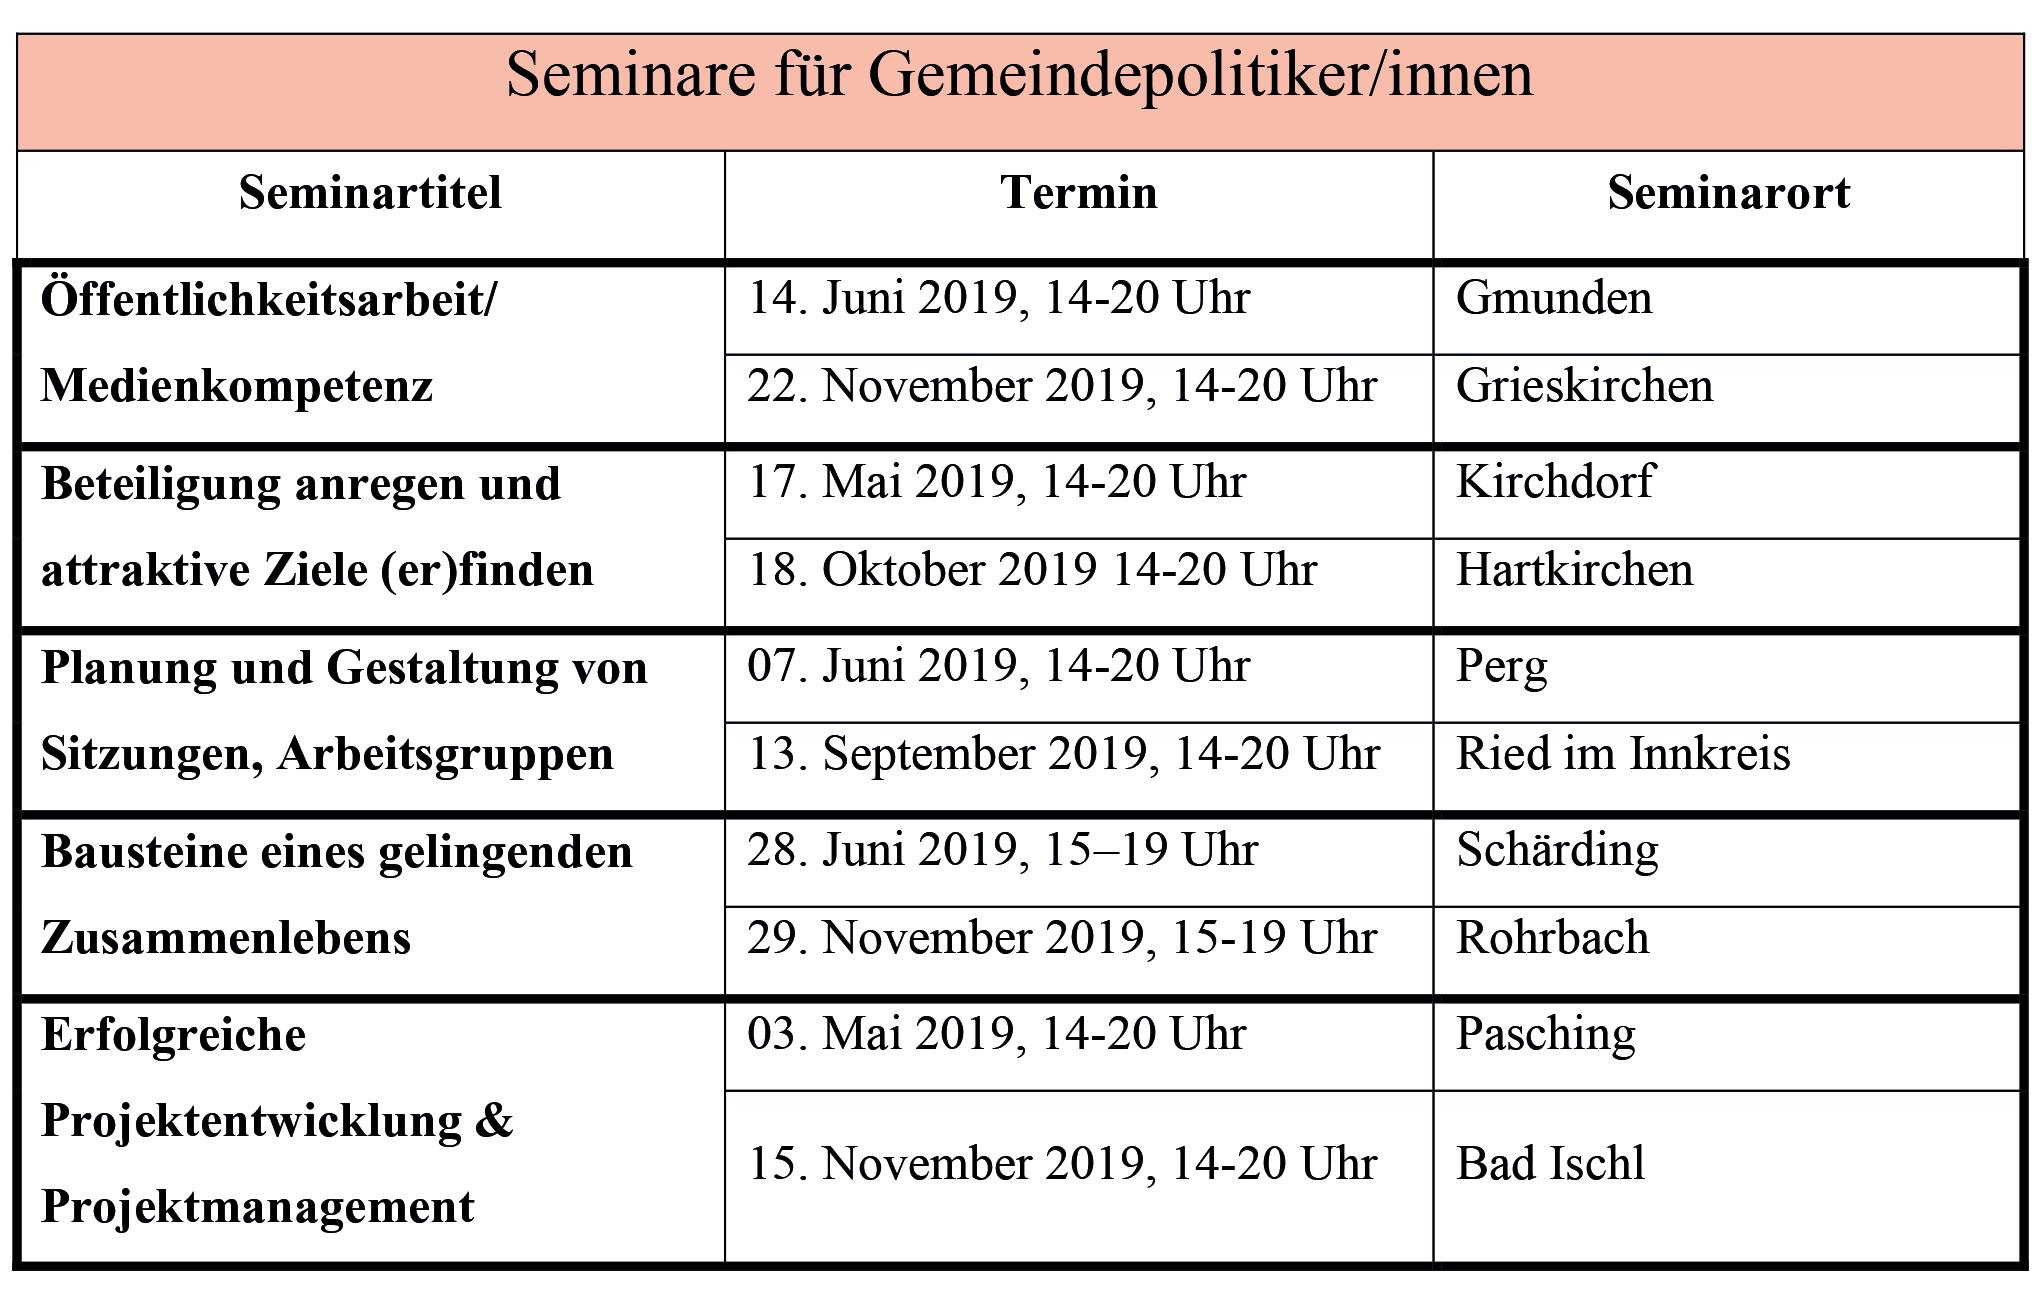 Seminare für Gemeindemandatare